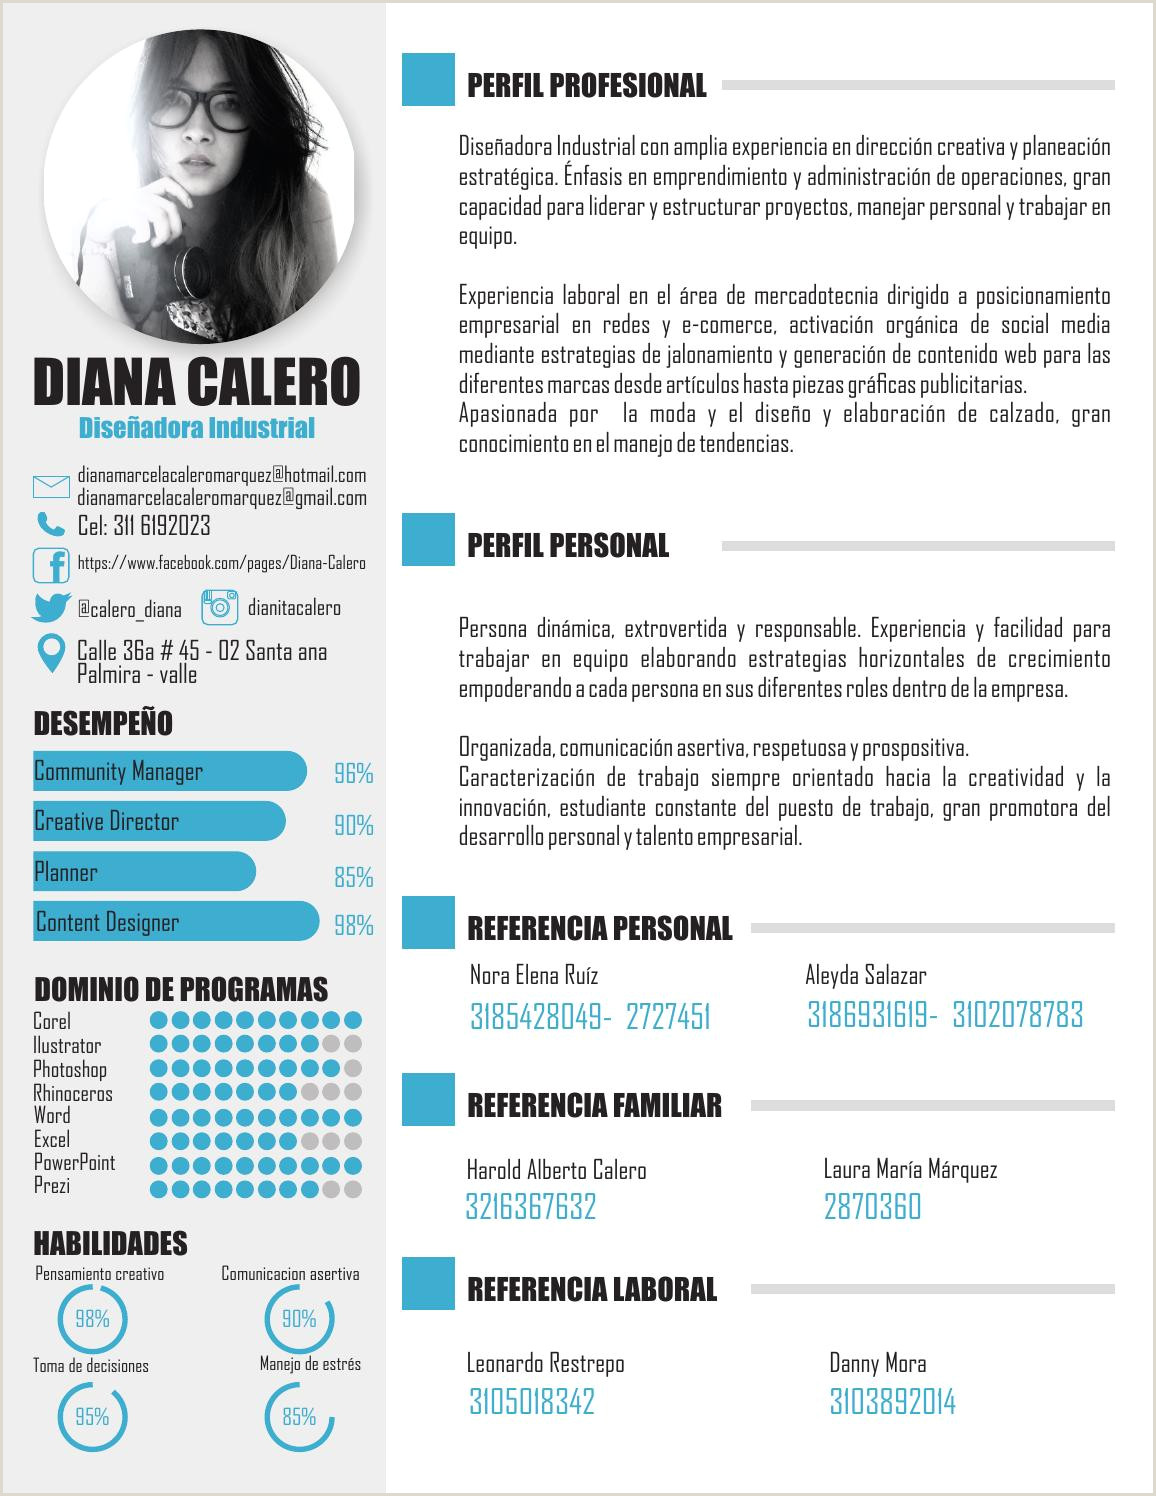 Formato único Hoja De Vida Persona Natural Sideap Hoja De Vida by Diana Calero issuu